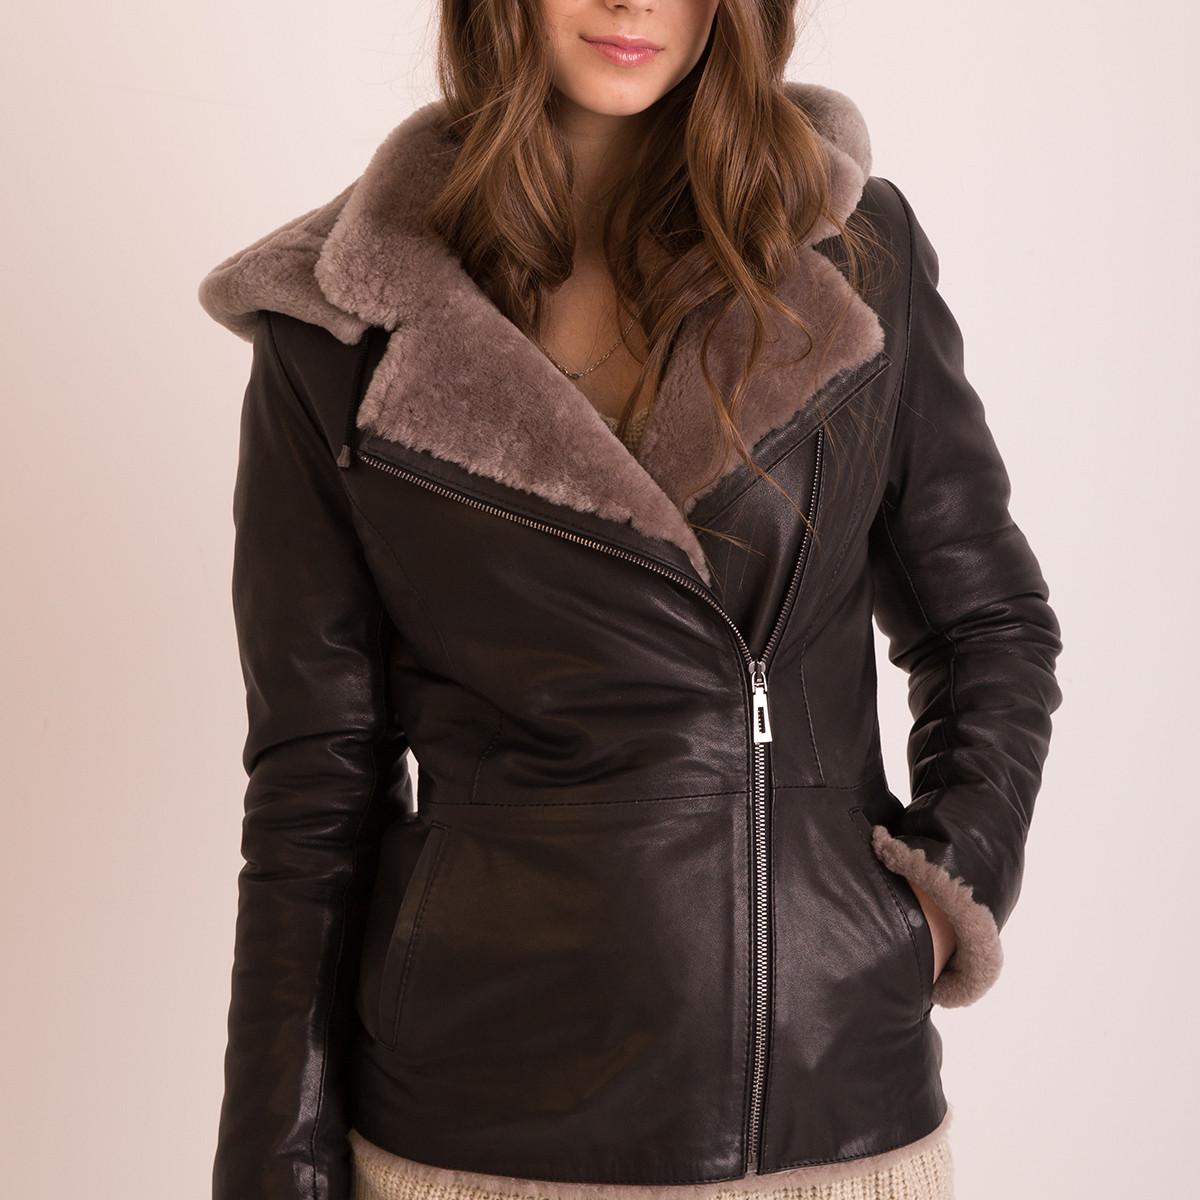 Зимняя куртка дубленка женская с капюшоном (Арт. LA102)